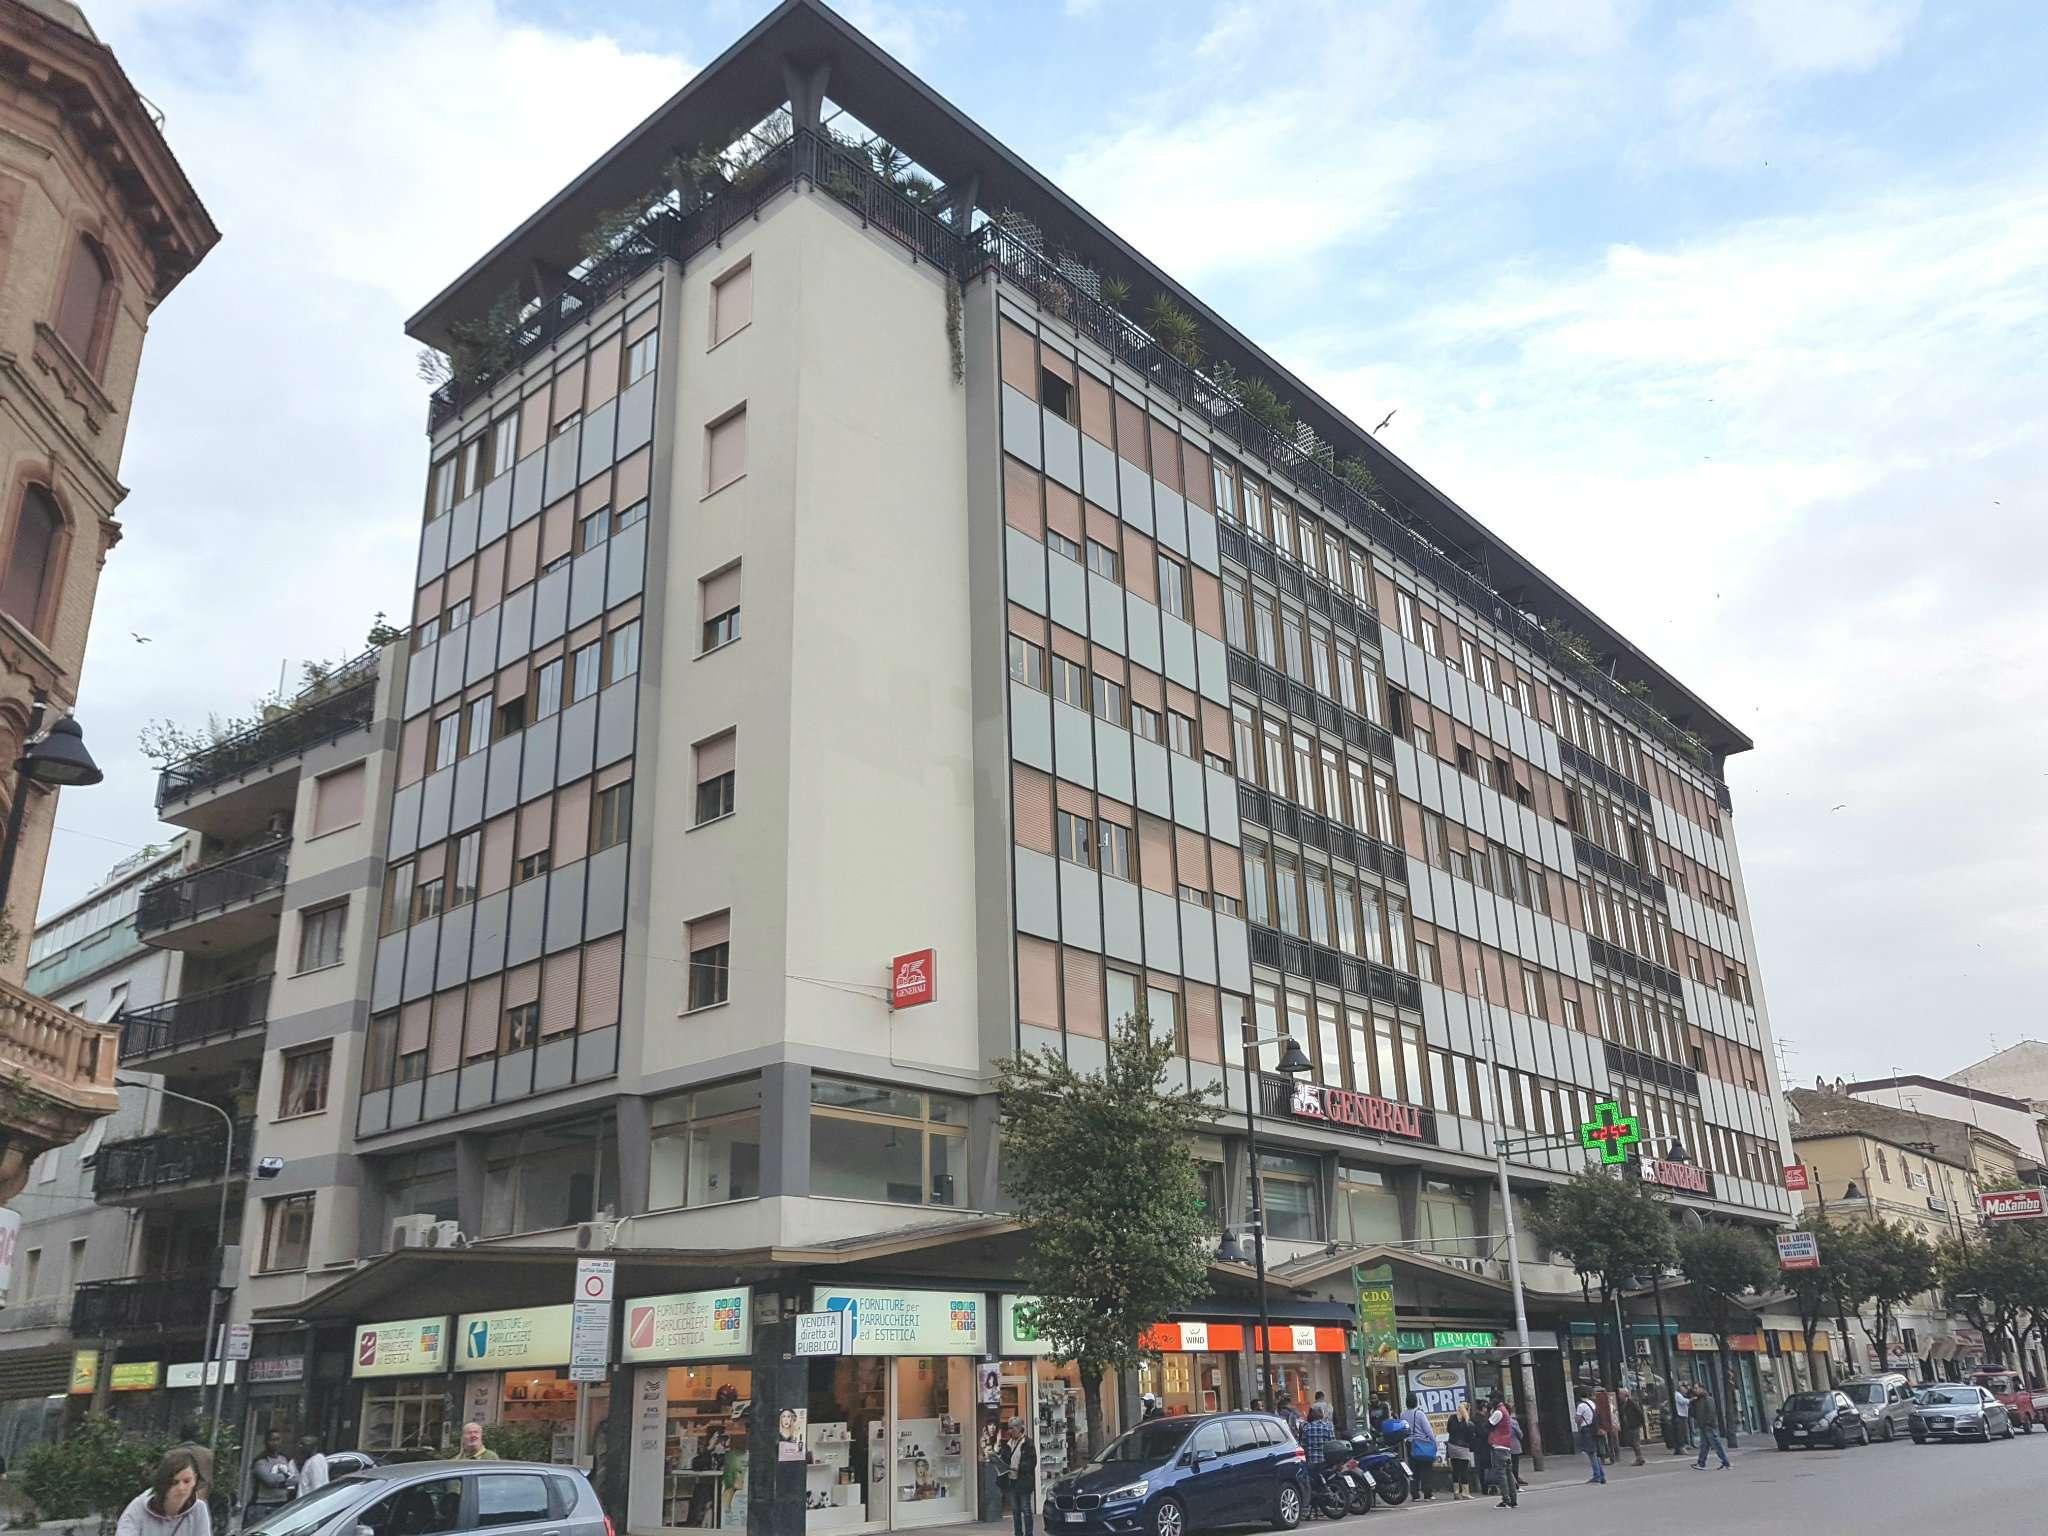 Attico / Mansarda in affitto a Pescara, 7 locali, prezzo € 650 | Cambio Casa.it